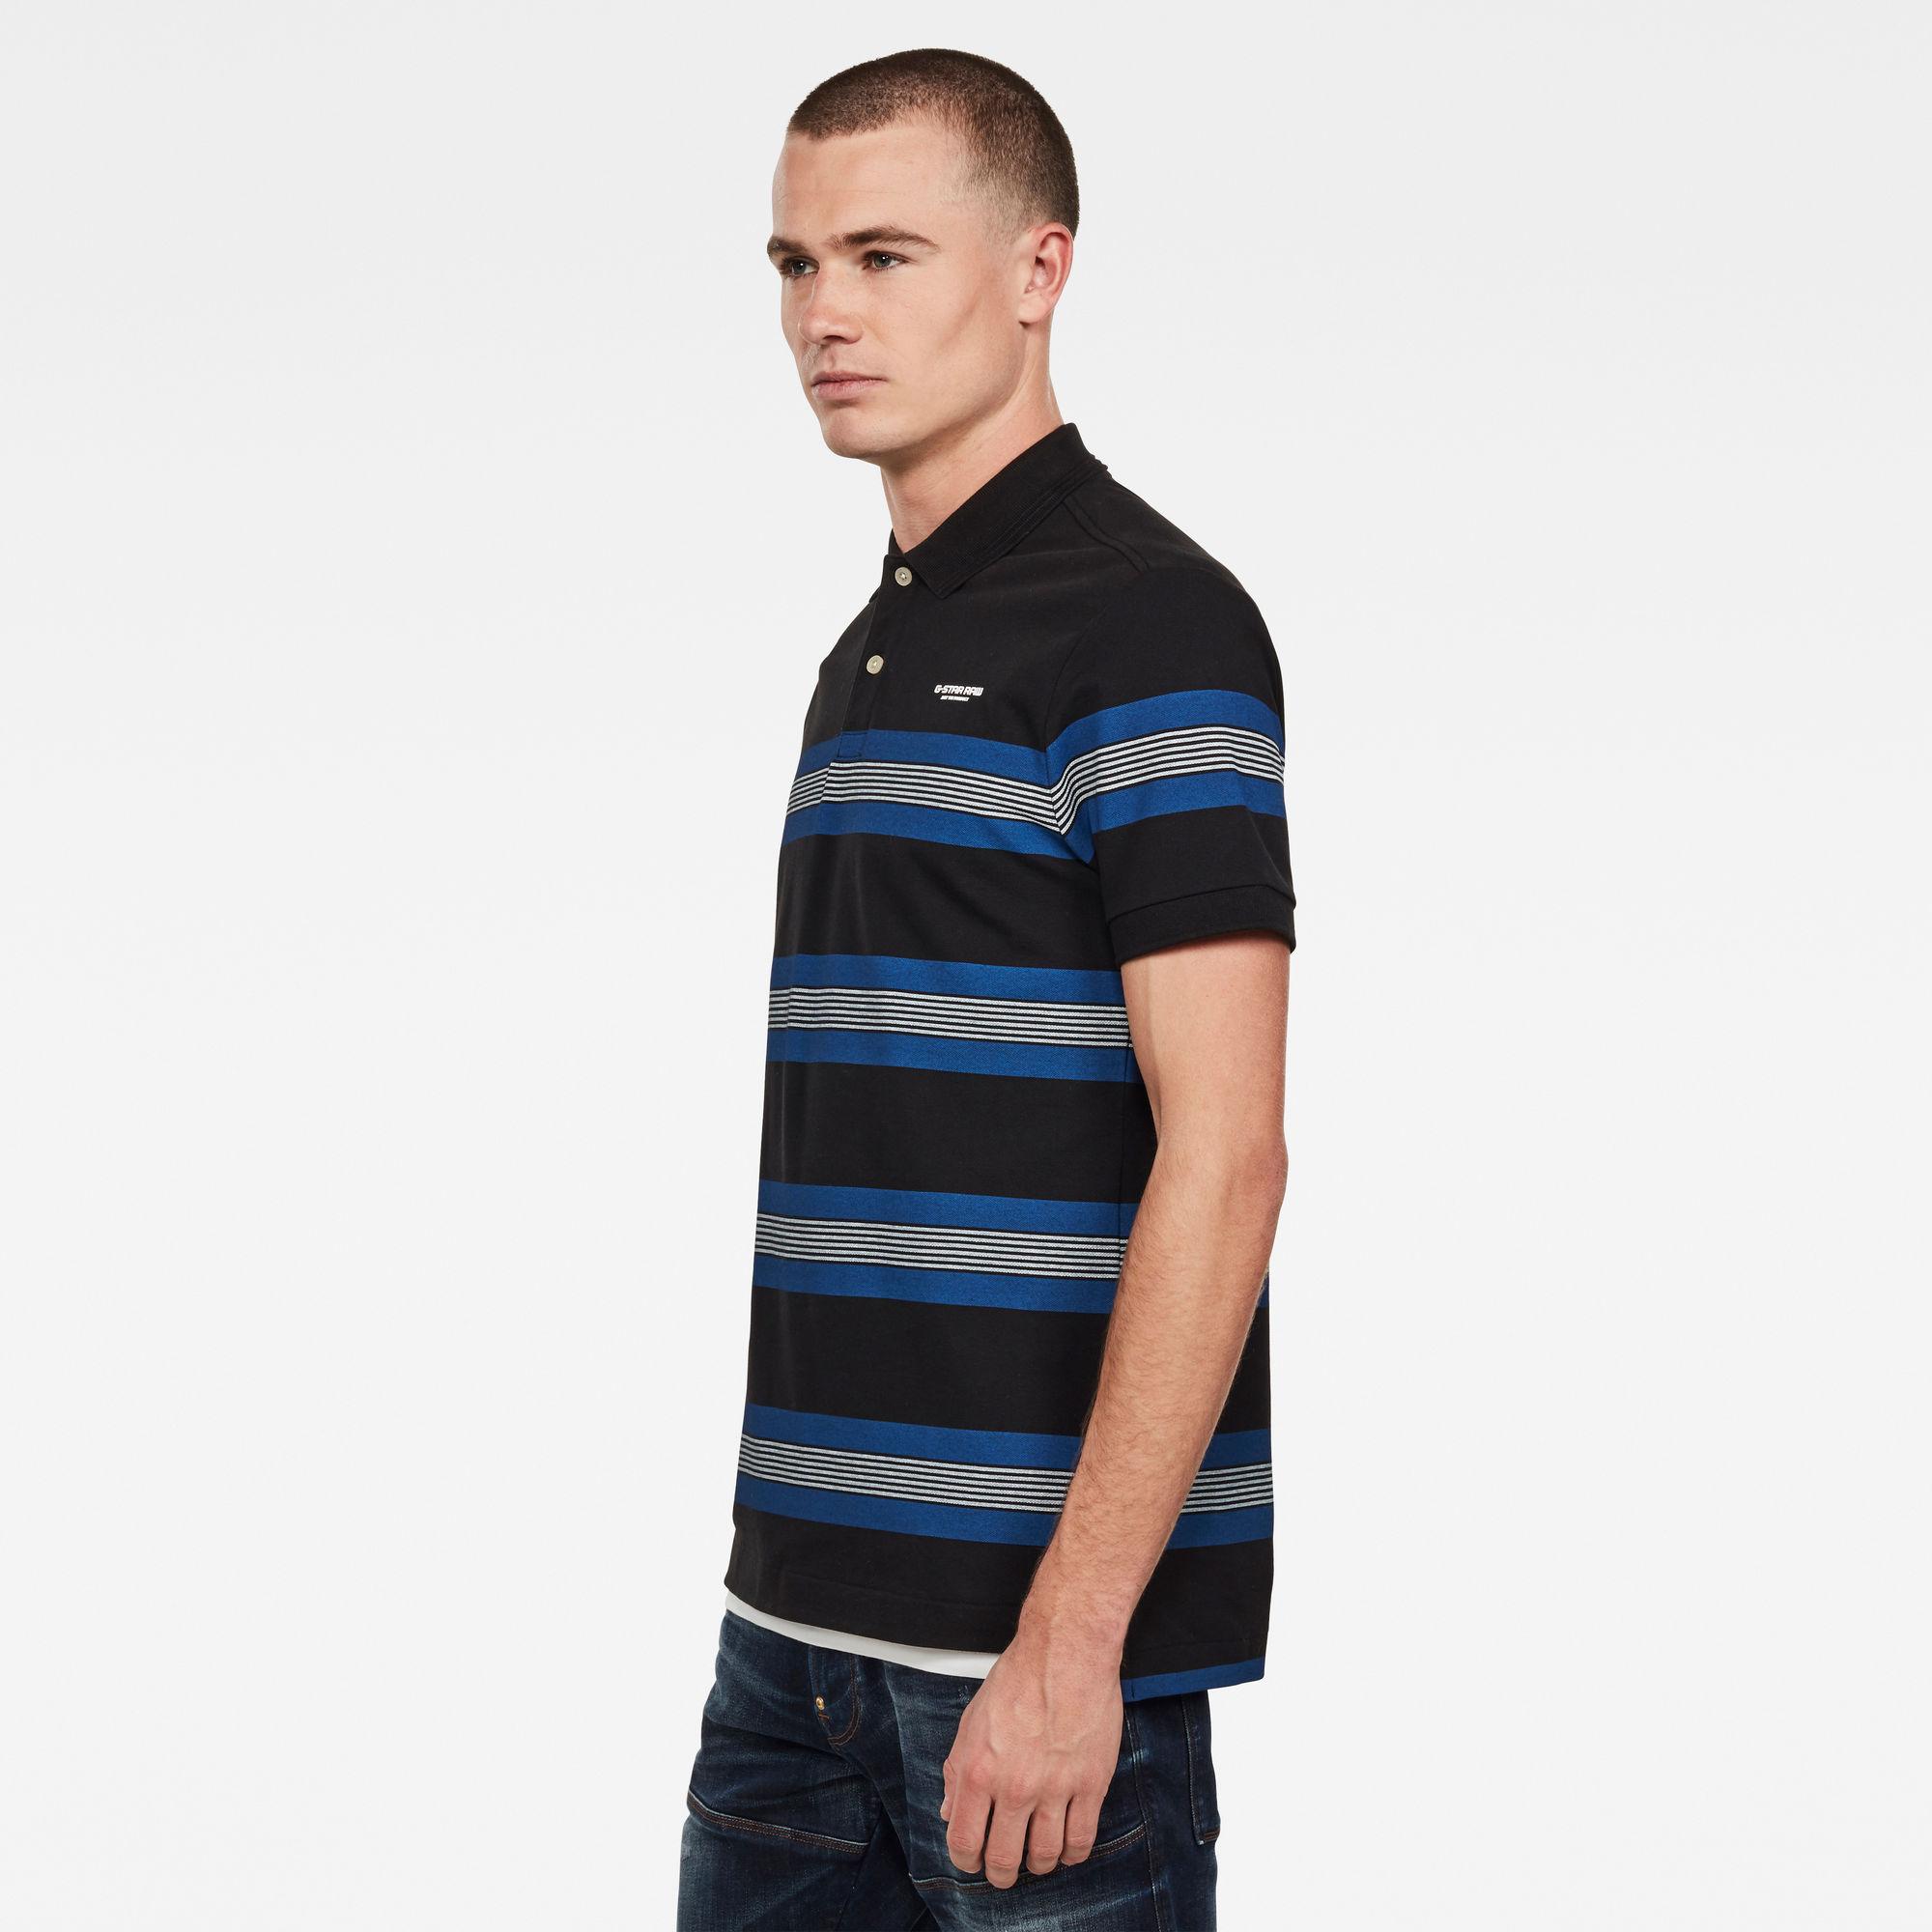 Stainlo Stripe Allover Polo